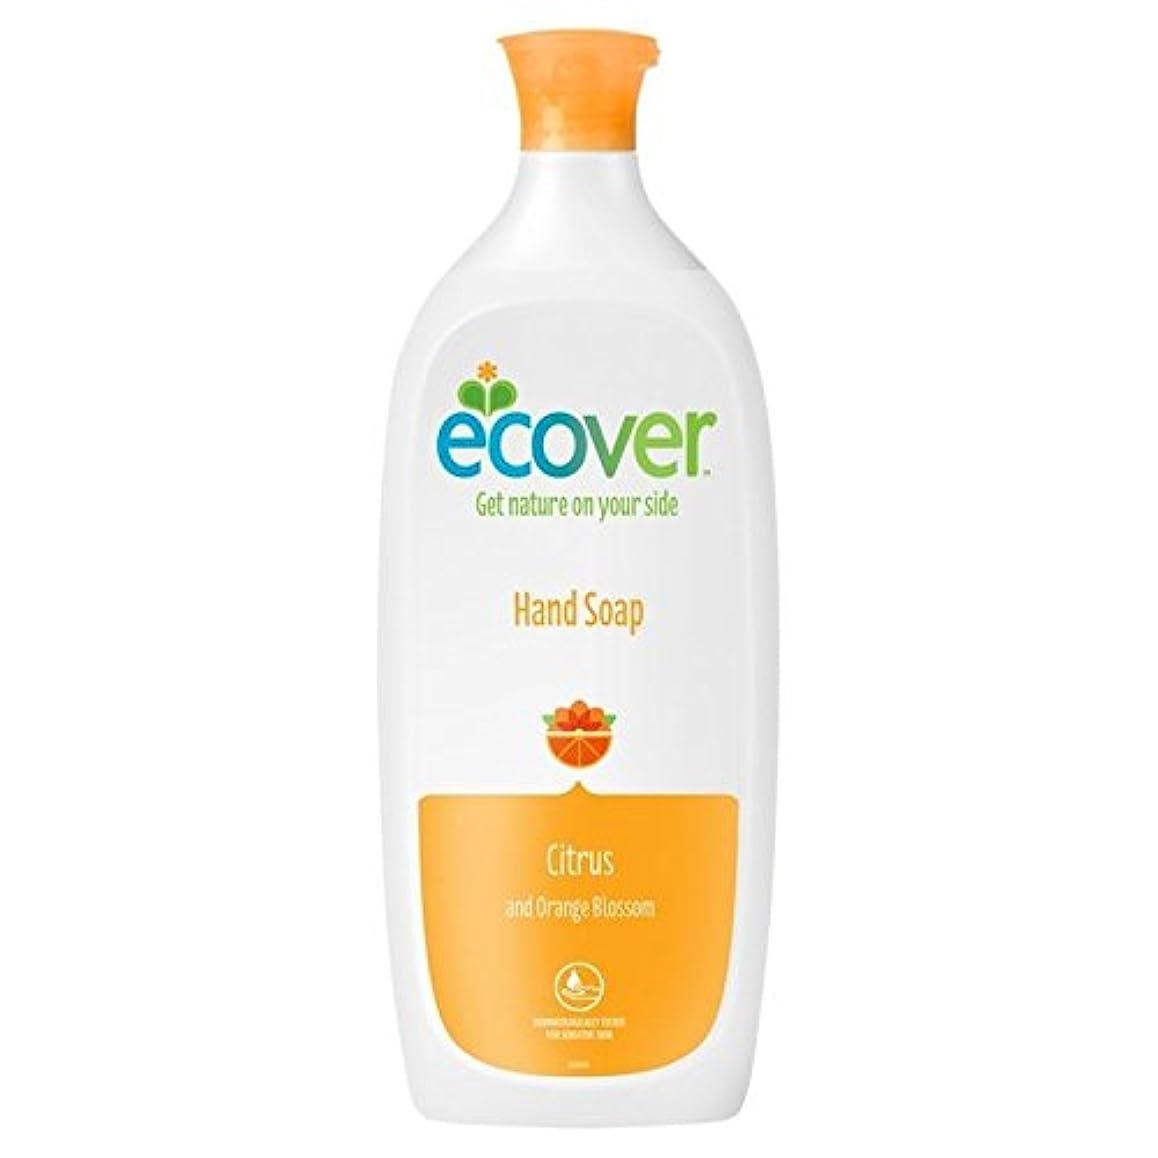 練るオセアニア砦Ecover Liquid Soap Citrus & Orange Blossom Refill 1L - エコベール液体石鹸シトラス&オレンジの花のリフィル1リットル [並行輸入品]